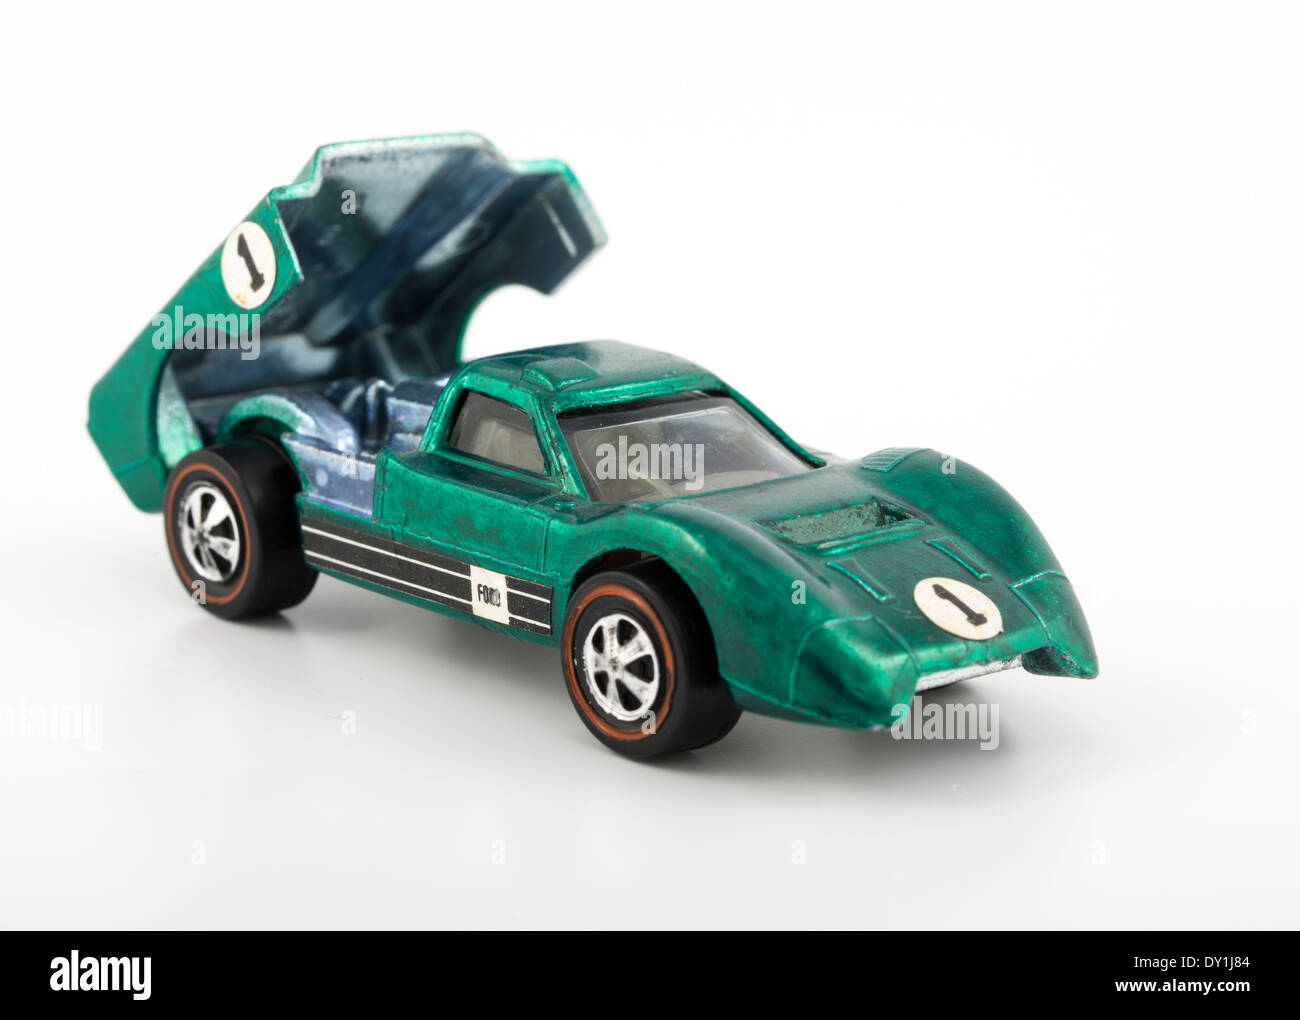 Green Ford J-auto Hot Wheels die-cast automobili giocattolo da Mattel 1968 con verniciatura Spectraflame Immagini Stock